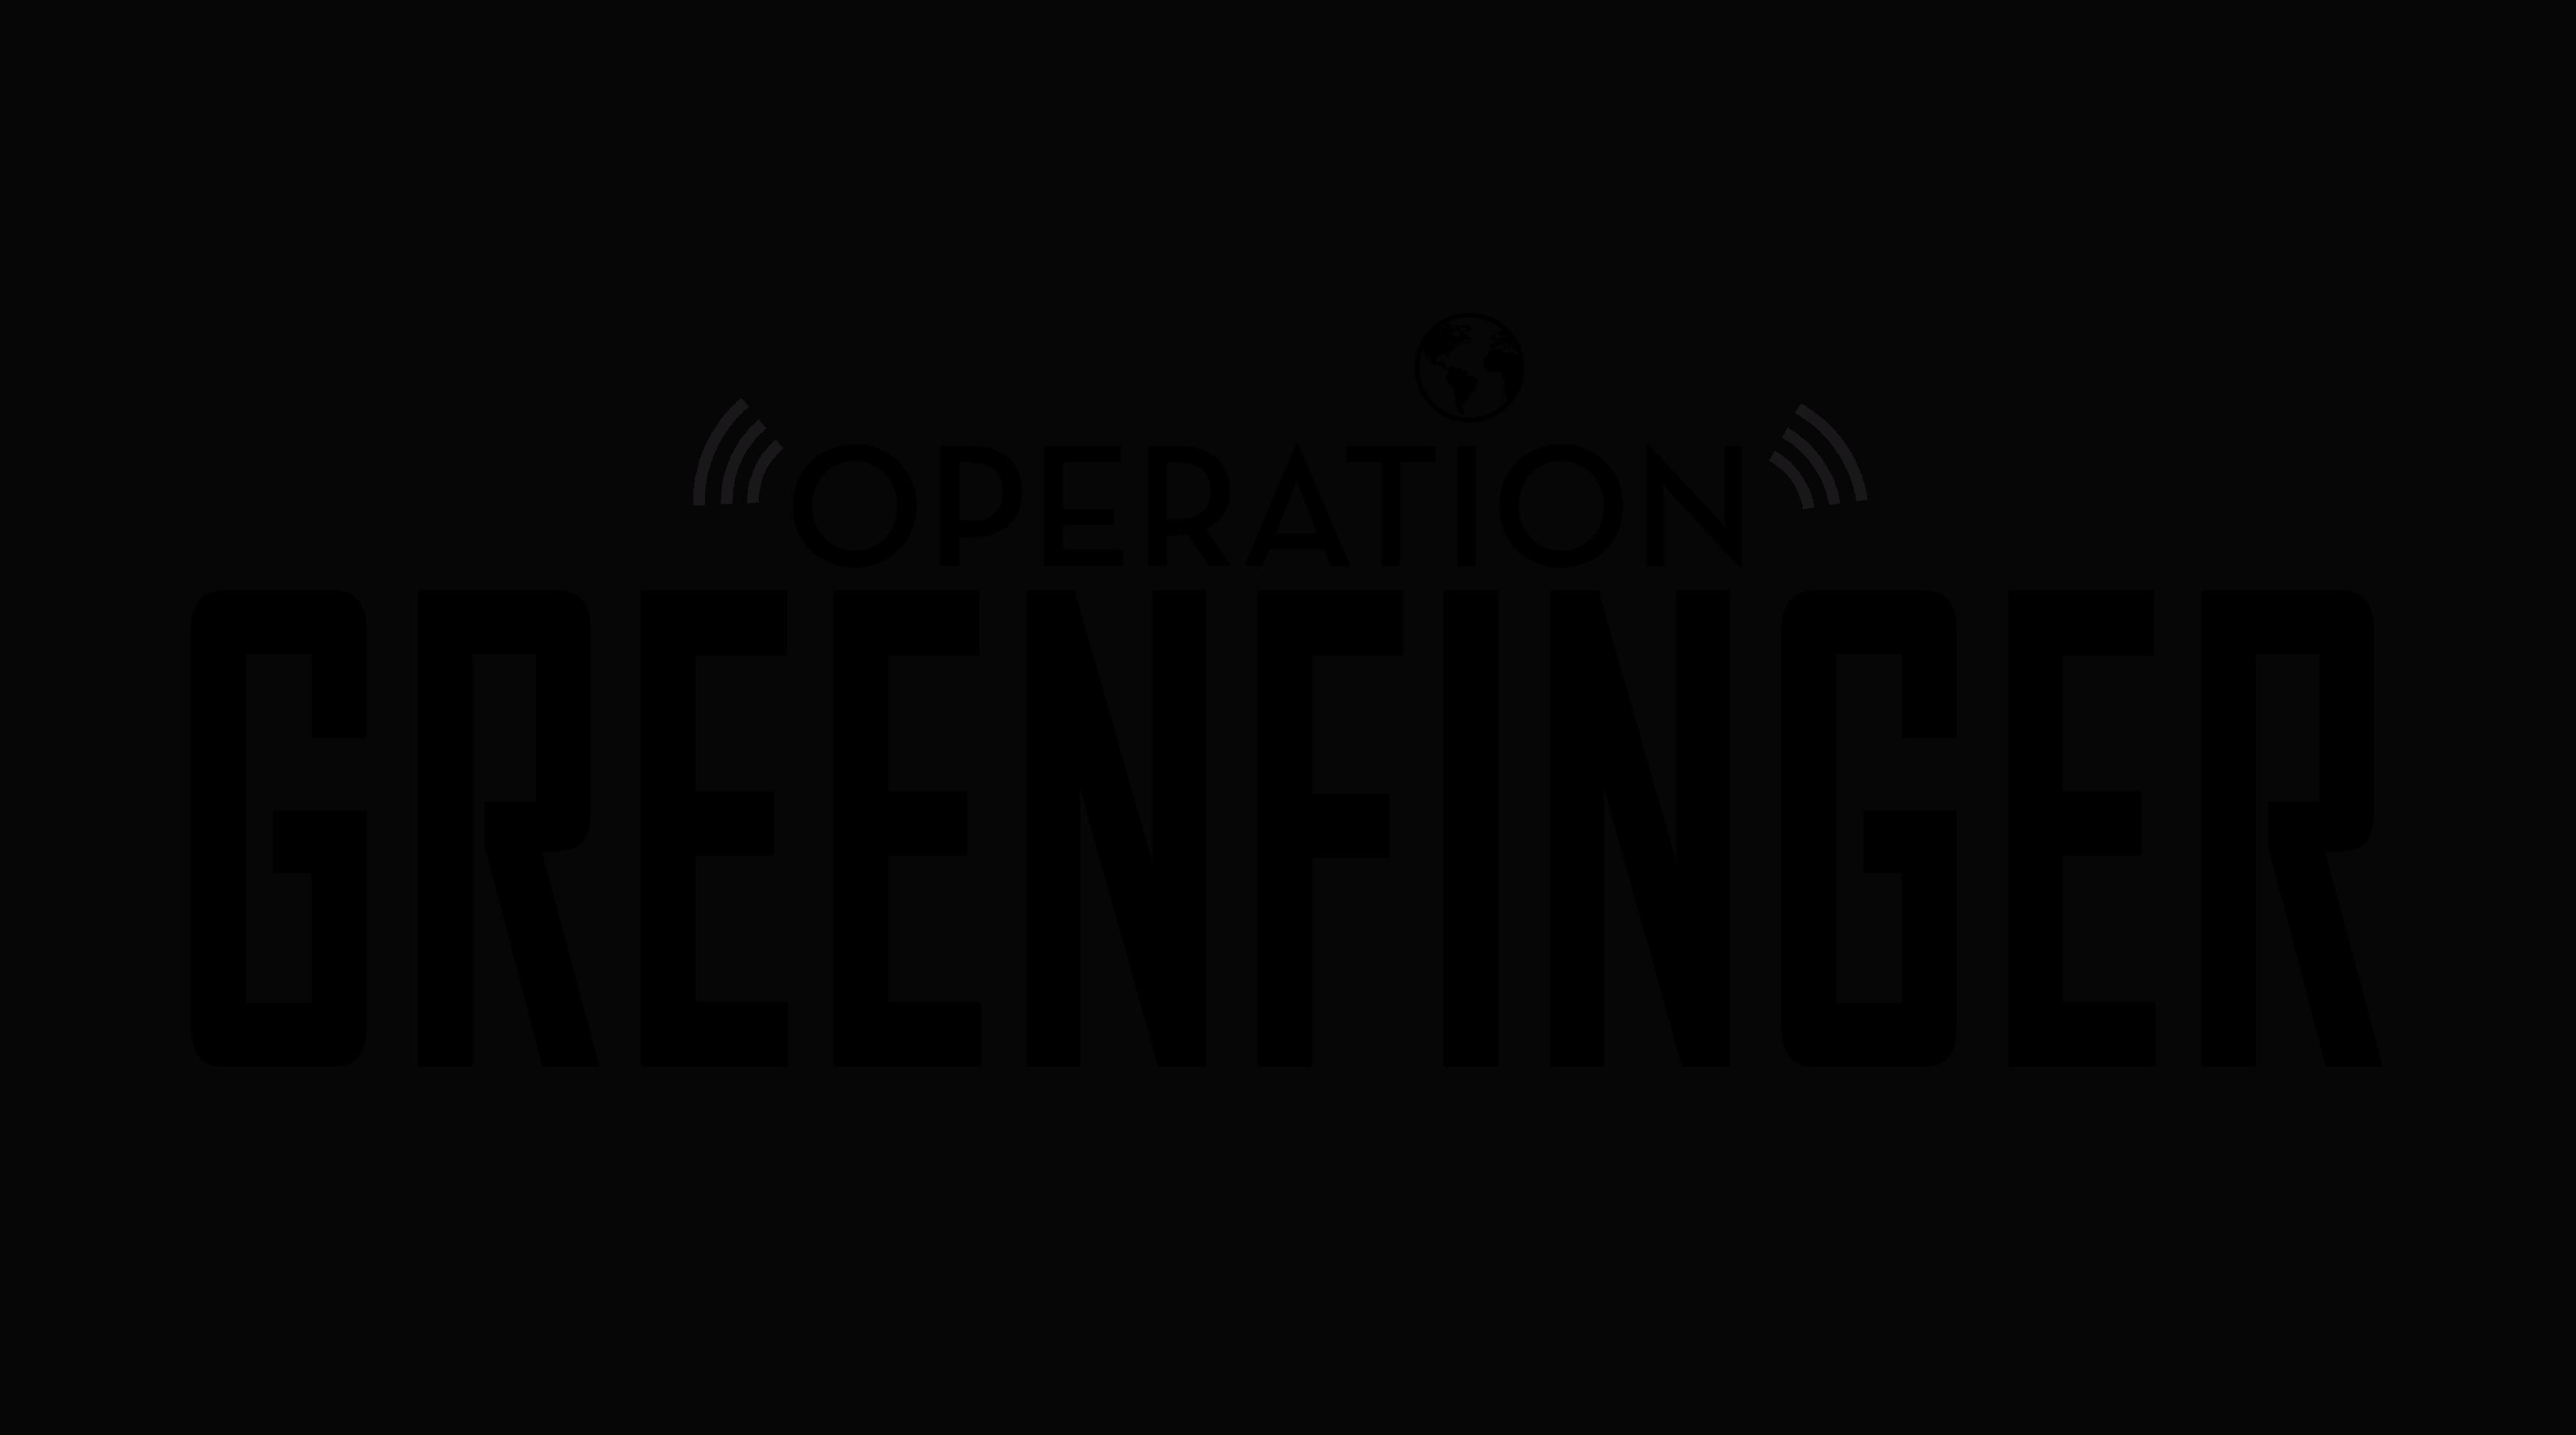 opération greenfinger